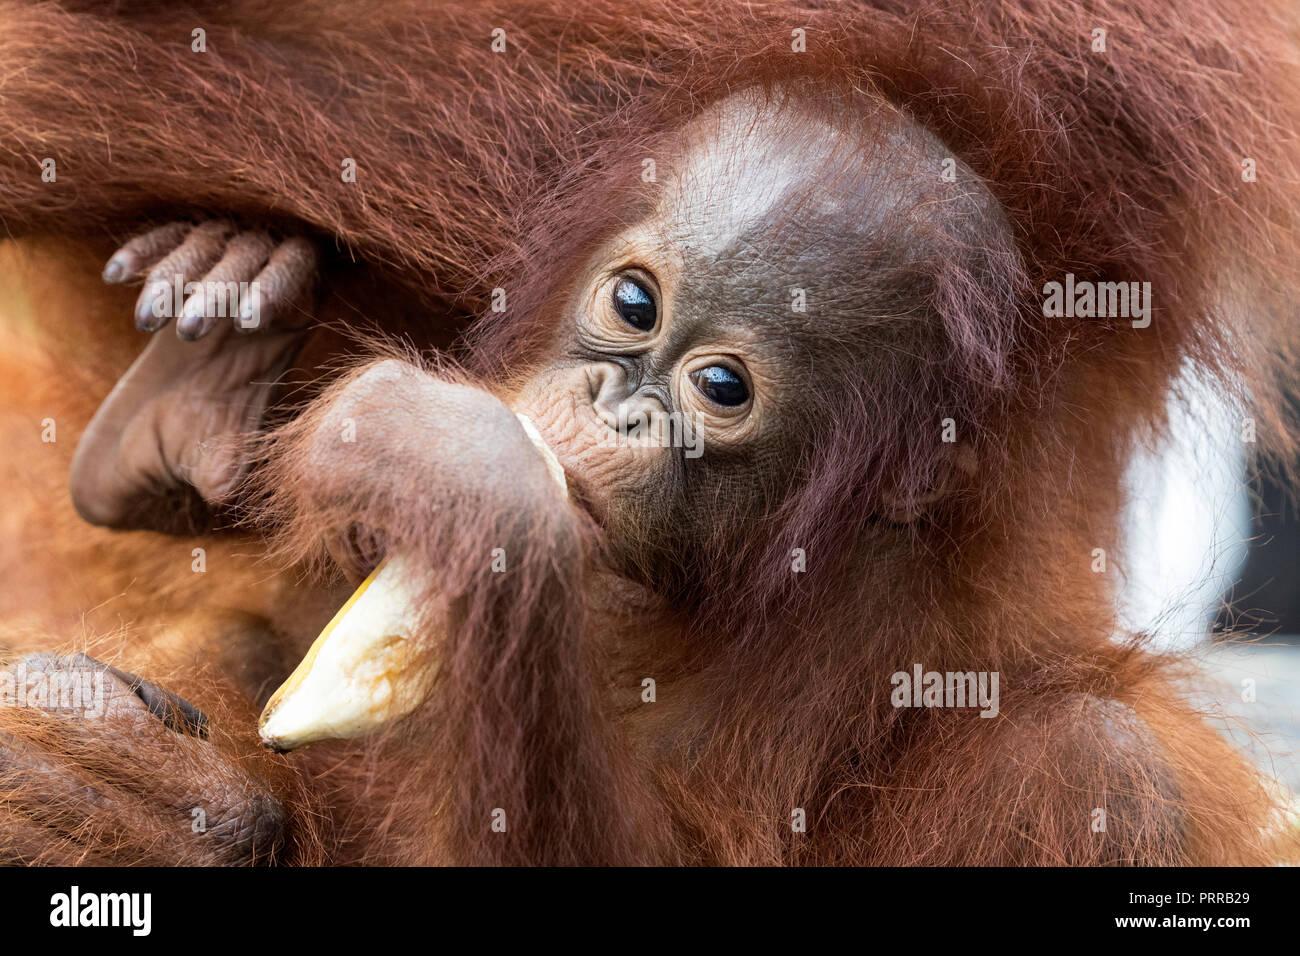 Baby bornesischen Orang-utans, Pongo pygmaeus, mit der Mutter, Buluh Kecil Fluss, Borneo, Indonesien. Stockbild